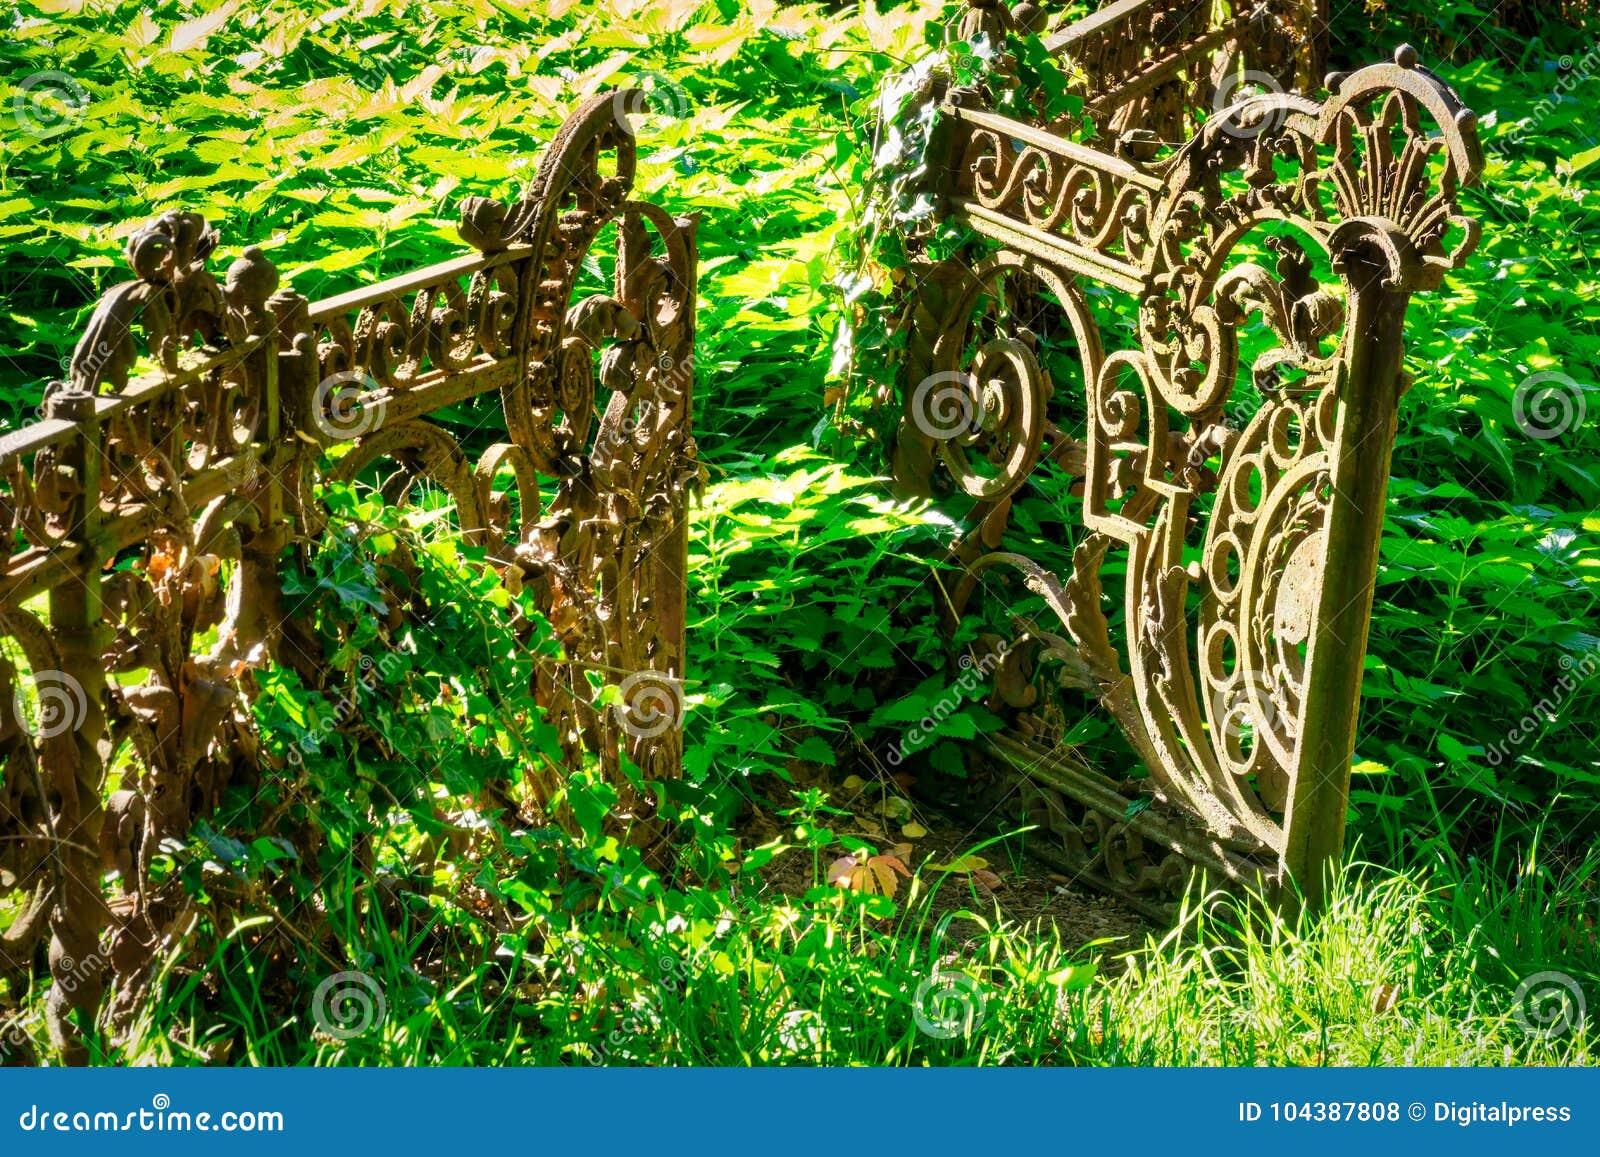 Alter Rostiger Zaun Stockfoto Bild Von Umgebung Eisen 104387808